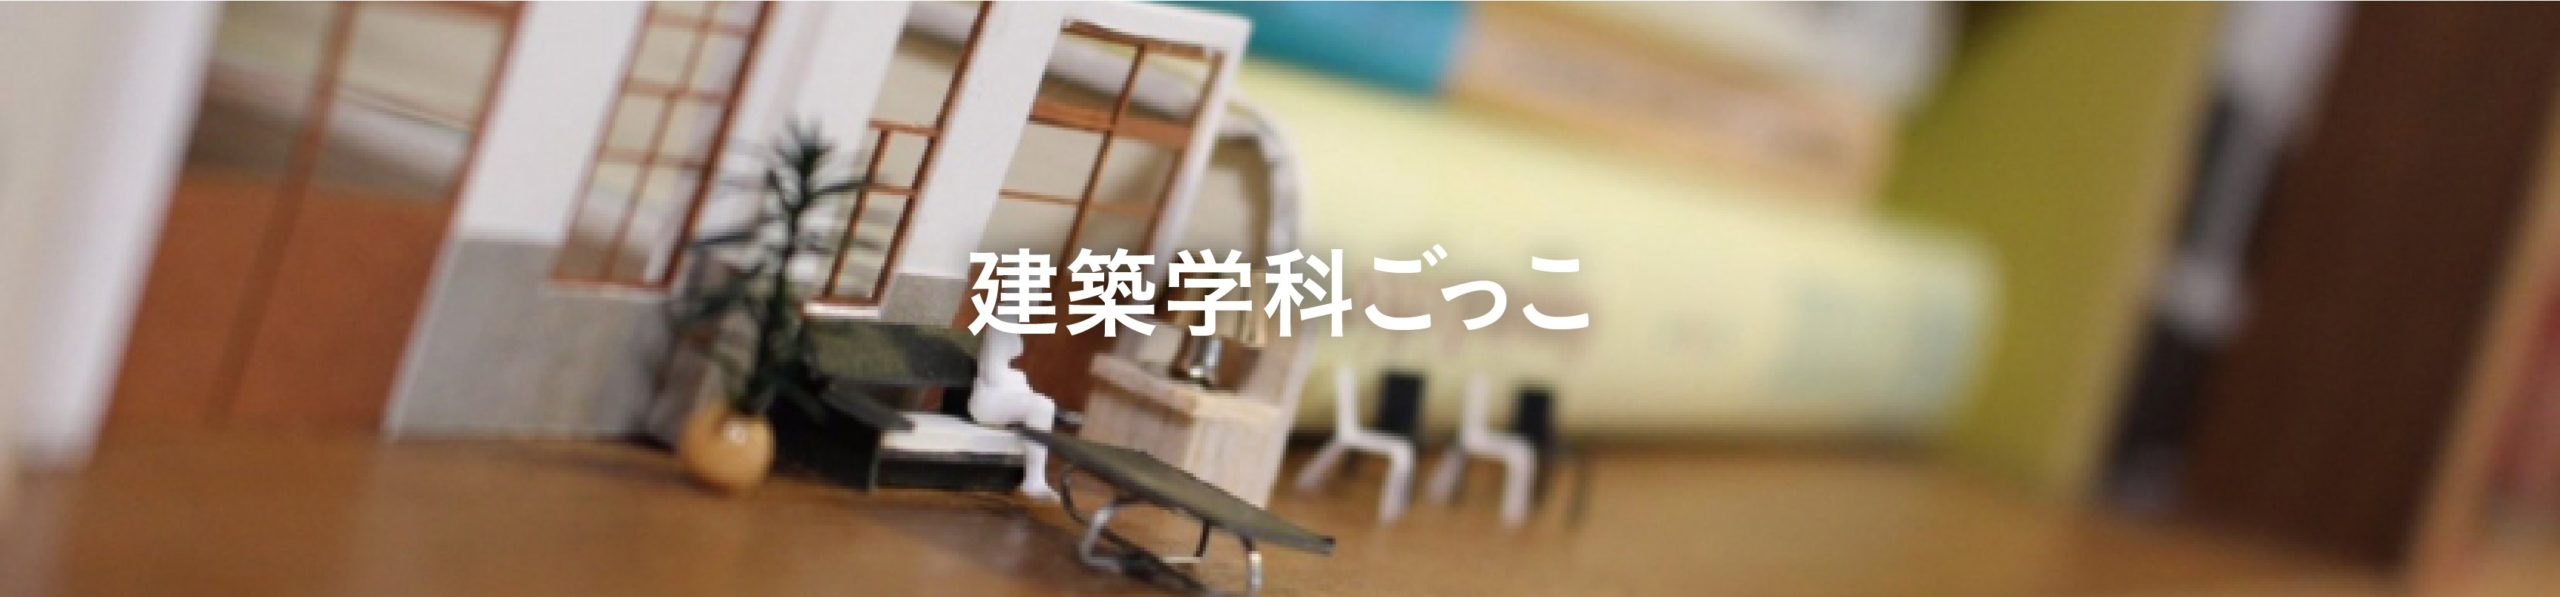 建築学科ごっこ